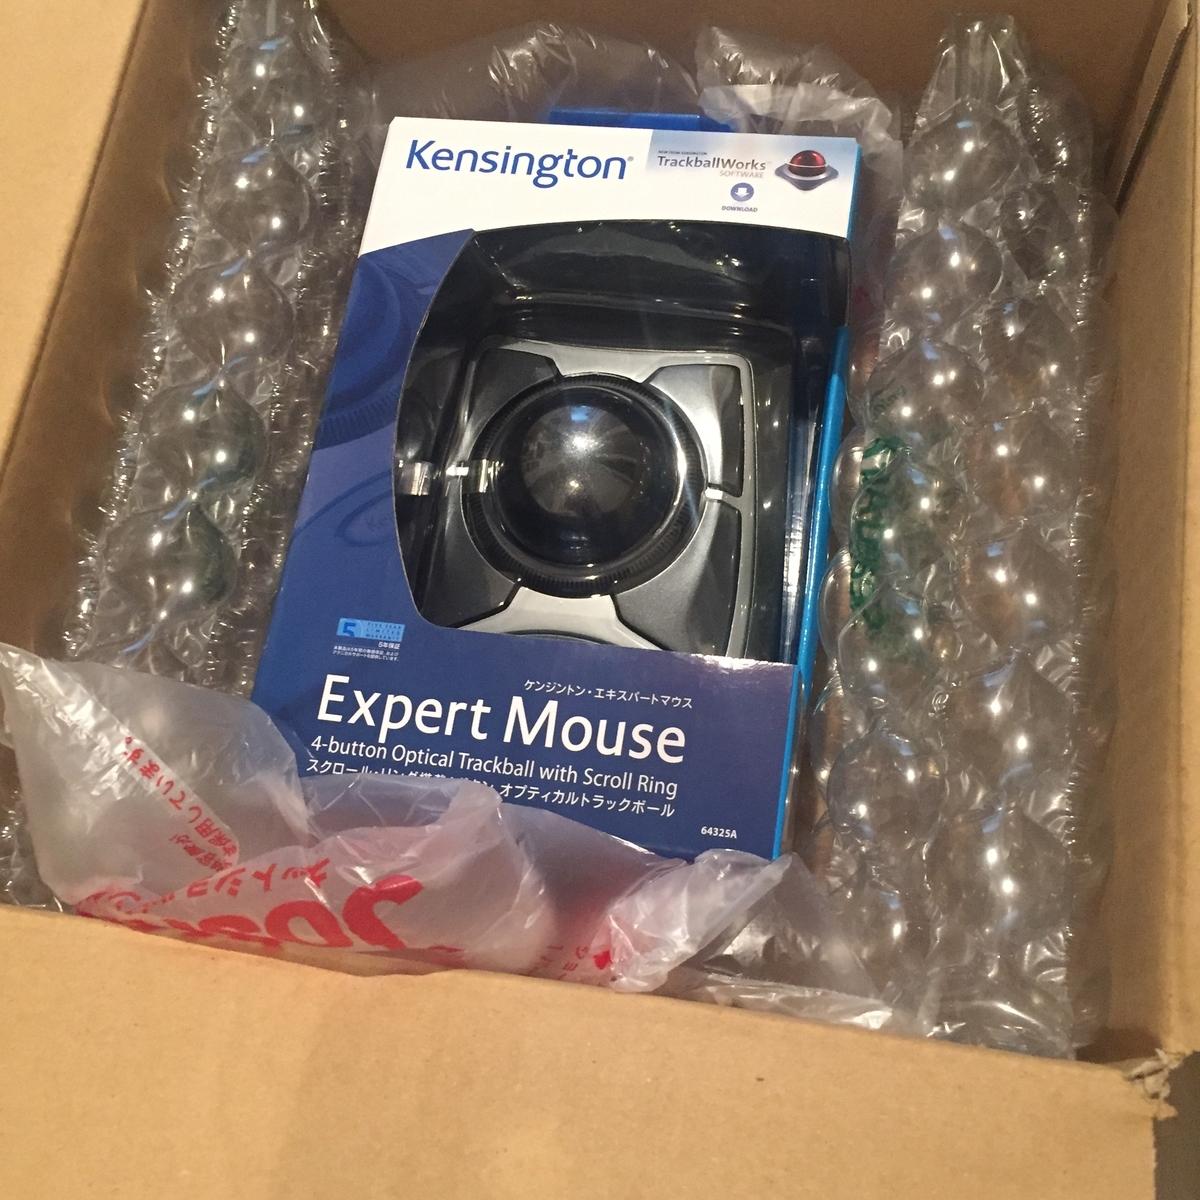 マウス DAW DTM エキスパート トラックボール 肩懲り 肩こり ガジェット 生活 快適 PC IT パソコン 周辺機器 速報